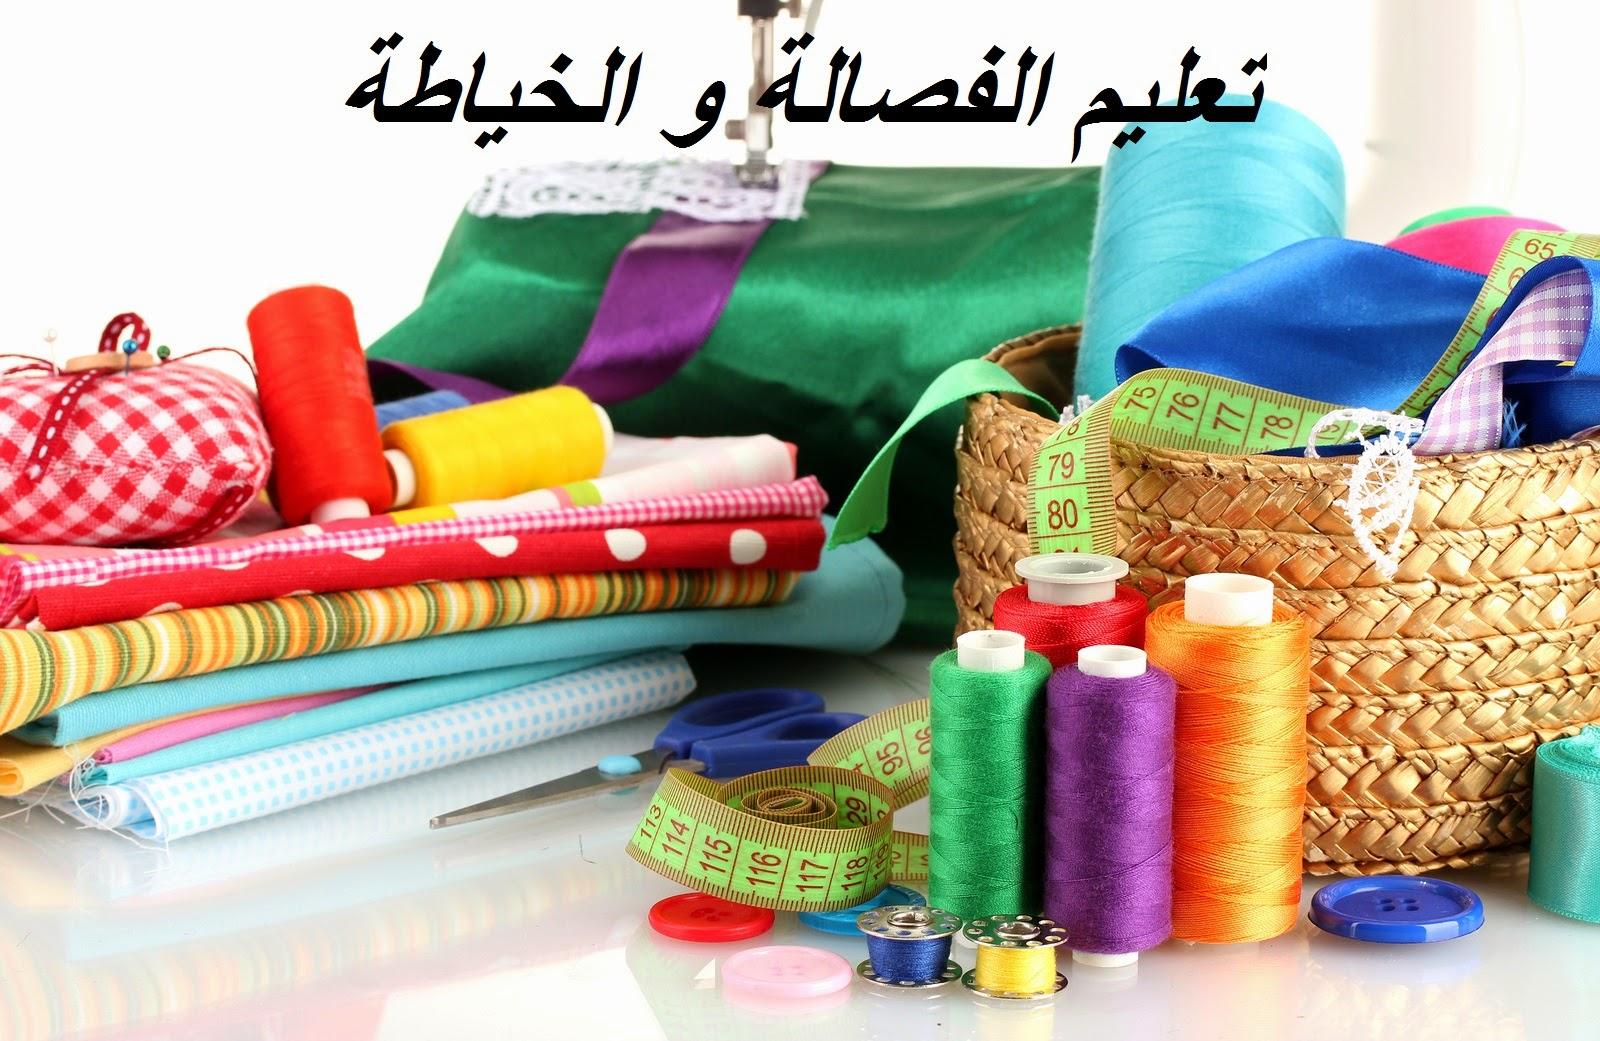 تعليم الفصالة و الخياطة و الاشغال اليدوية